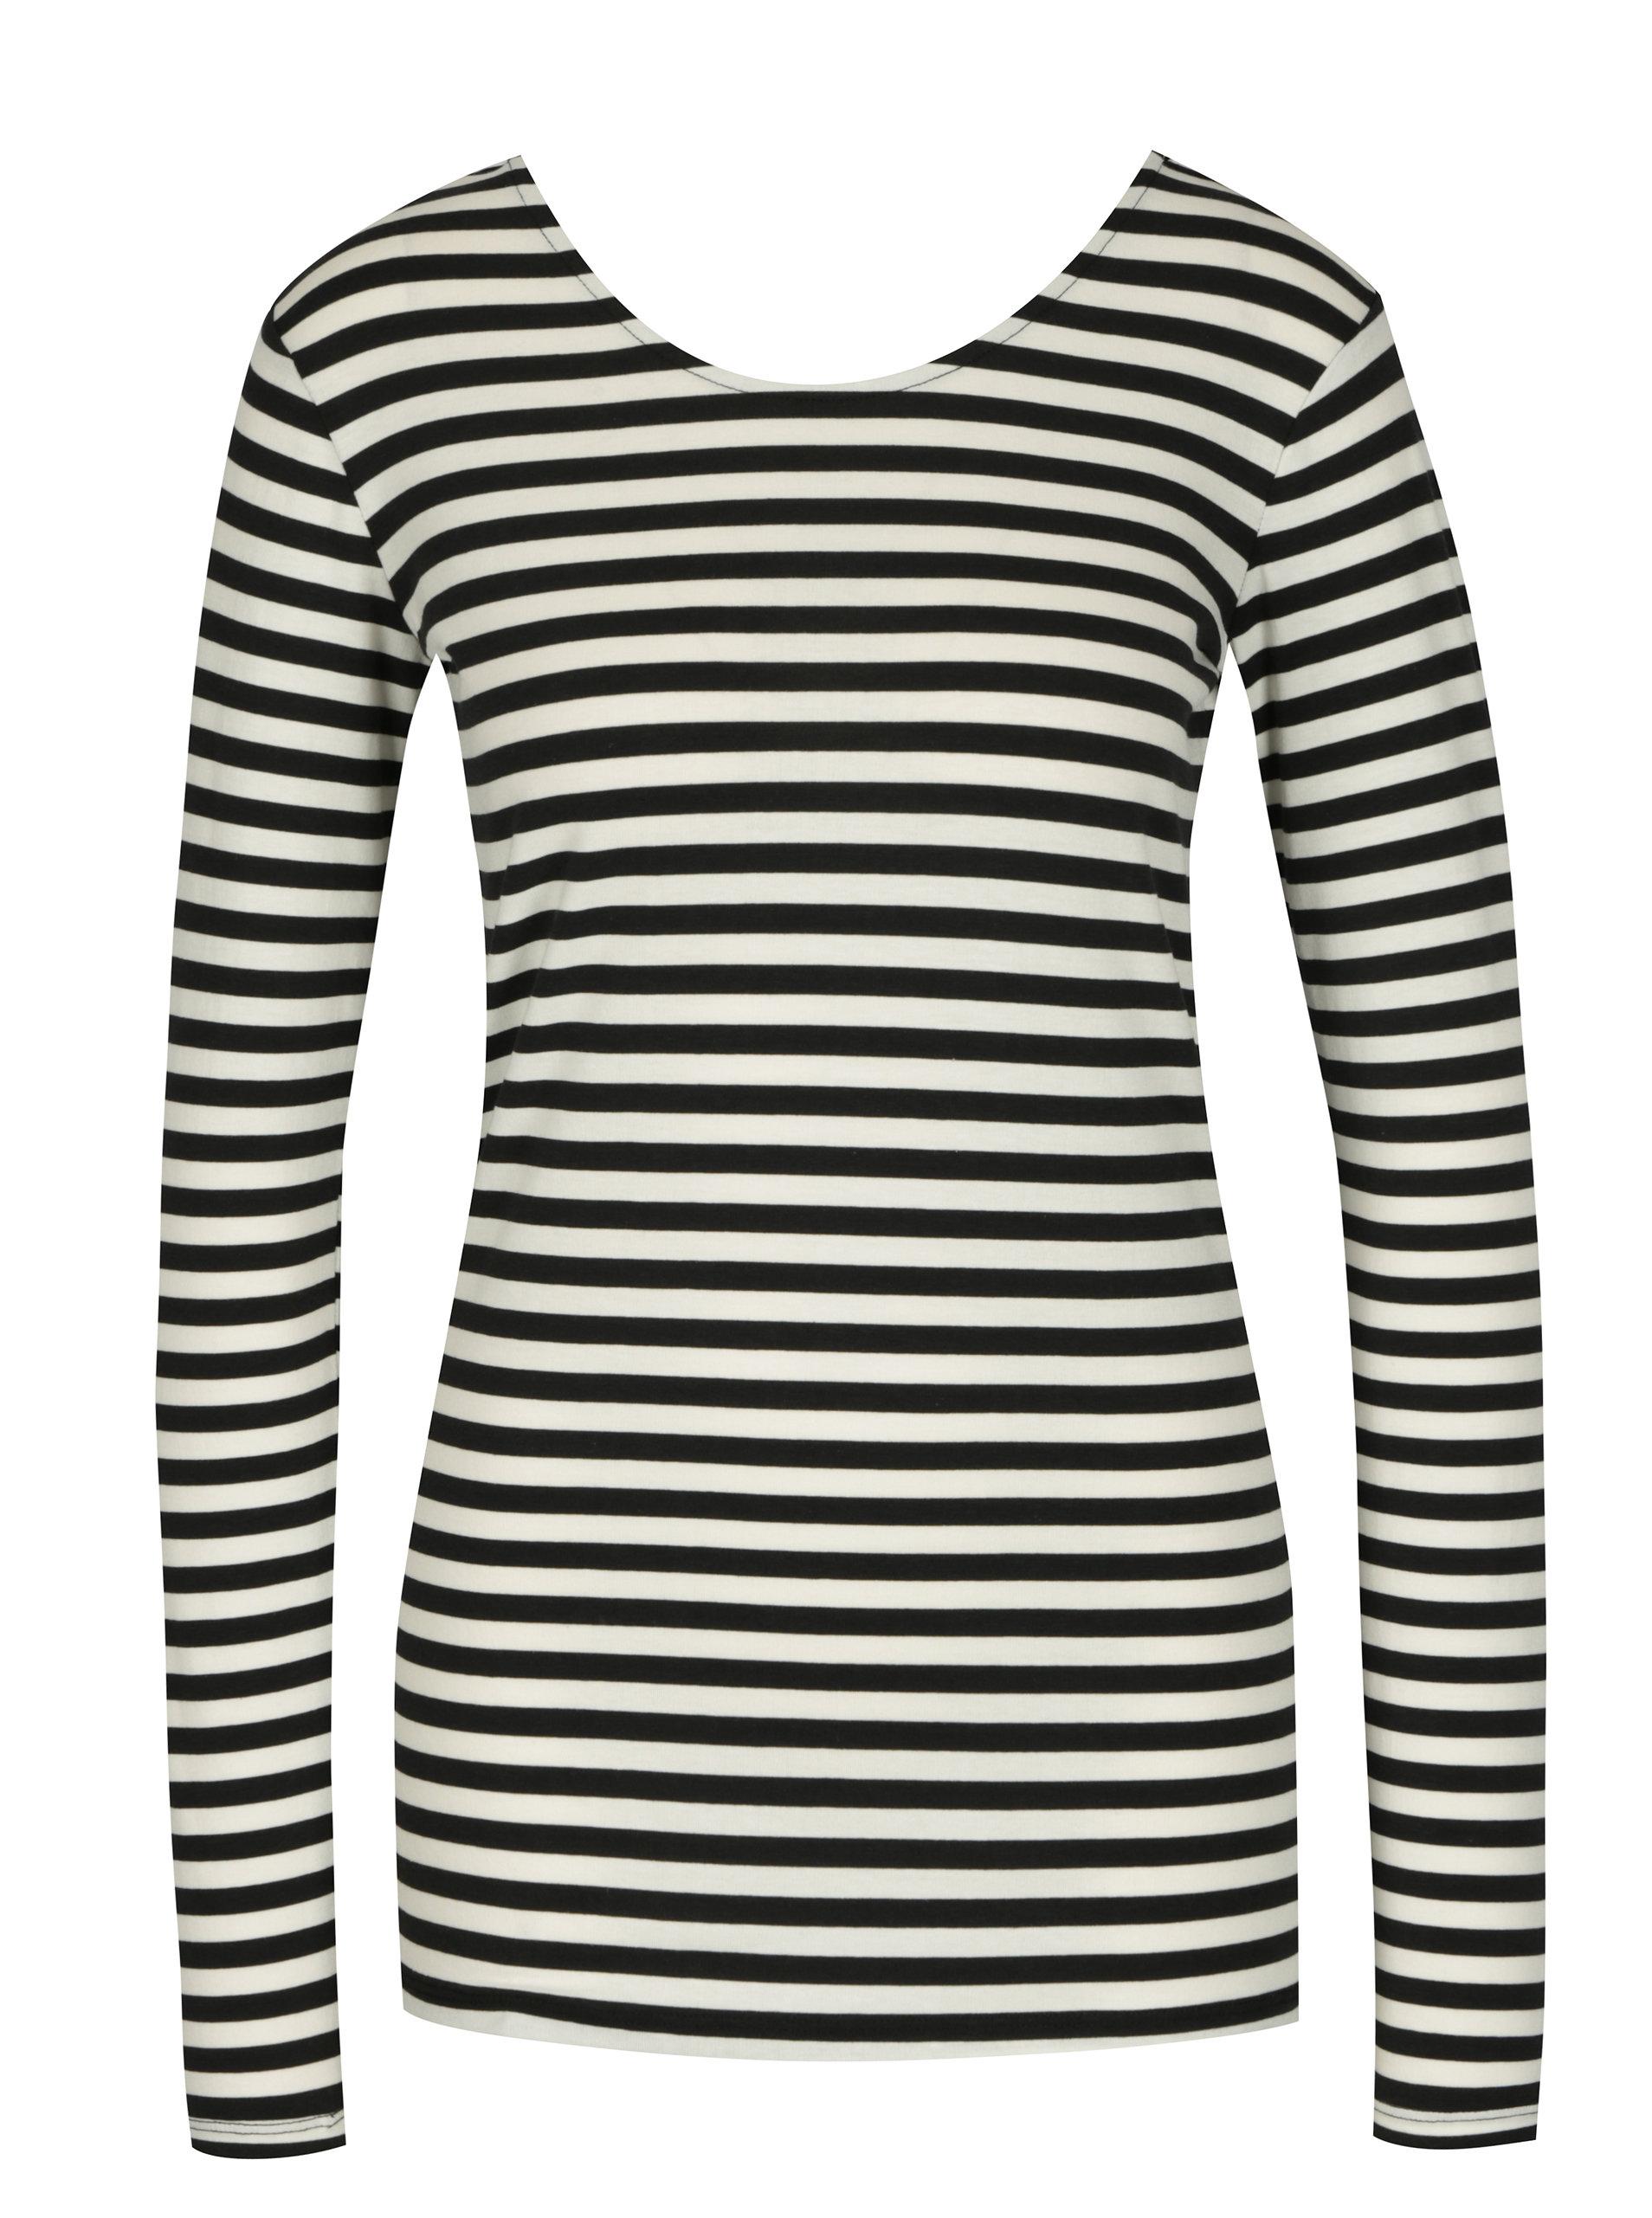 2659e1d1f711 Krémovo-čierne dámske pruhované tričko s dlhým rukávom Gracia Jeans ...